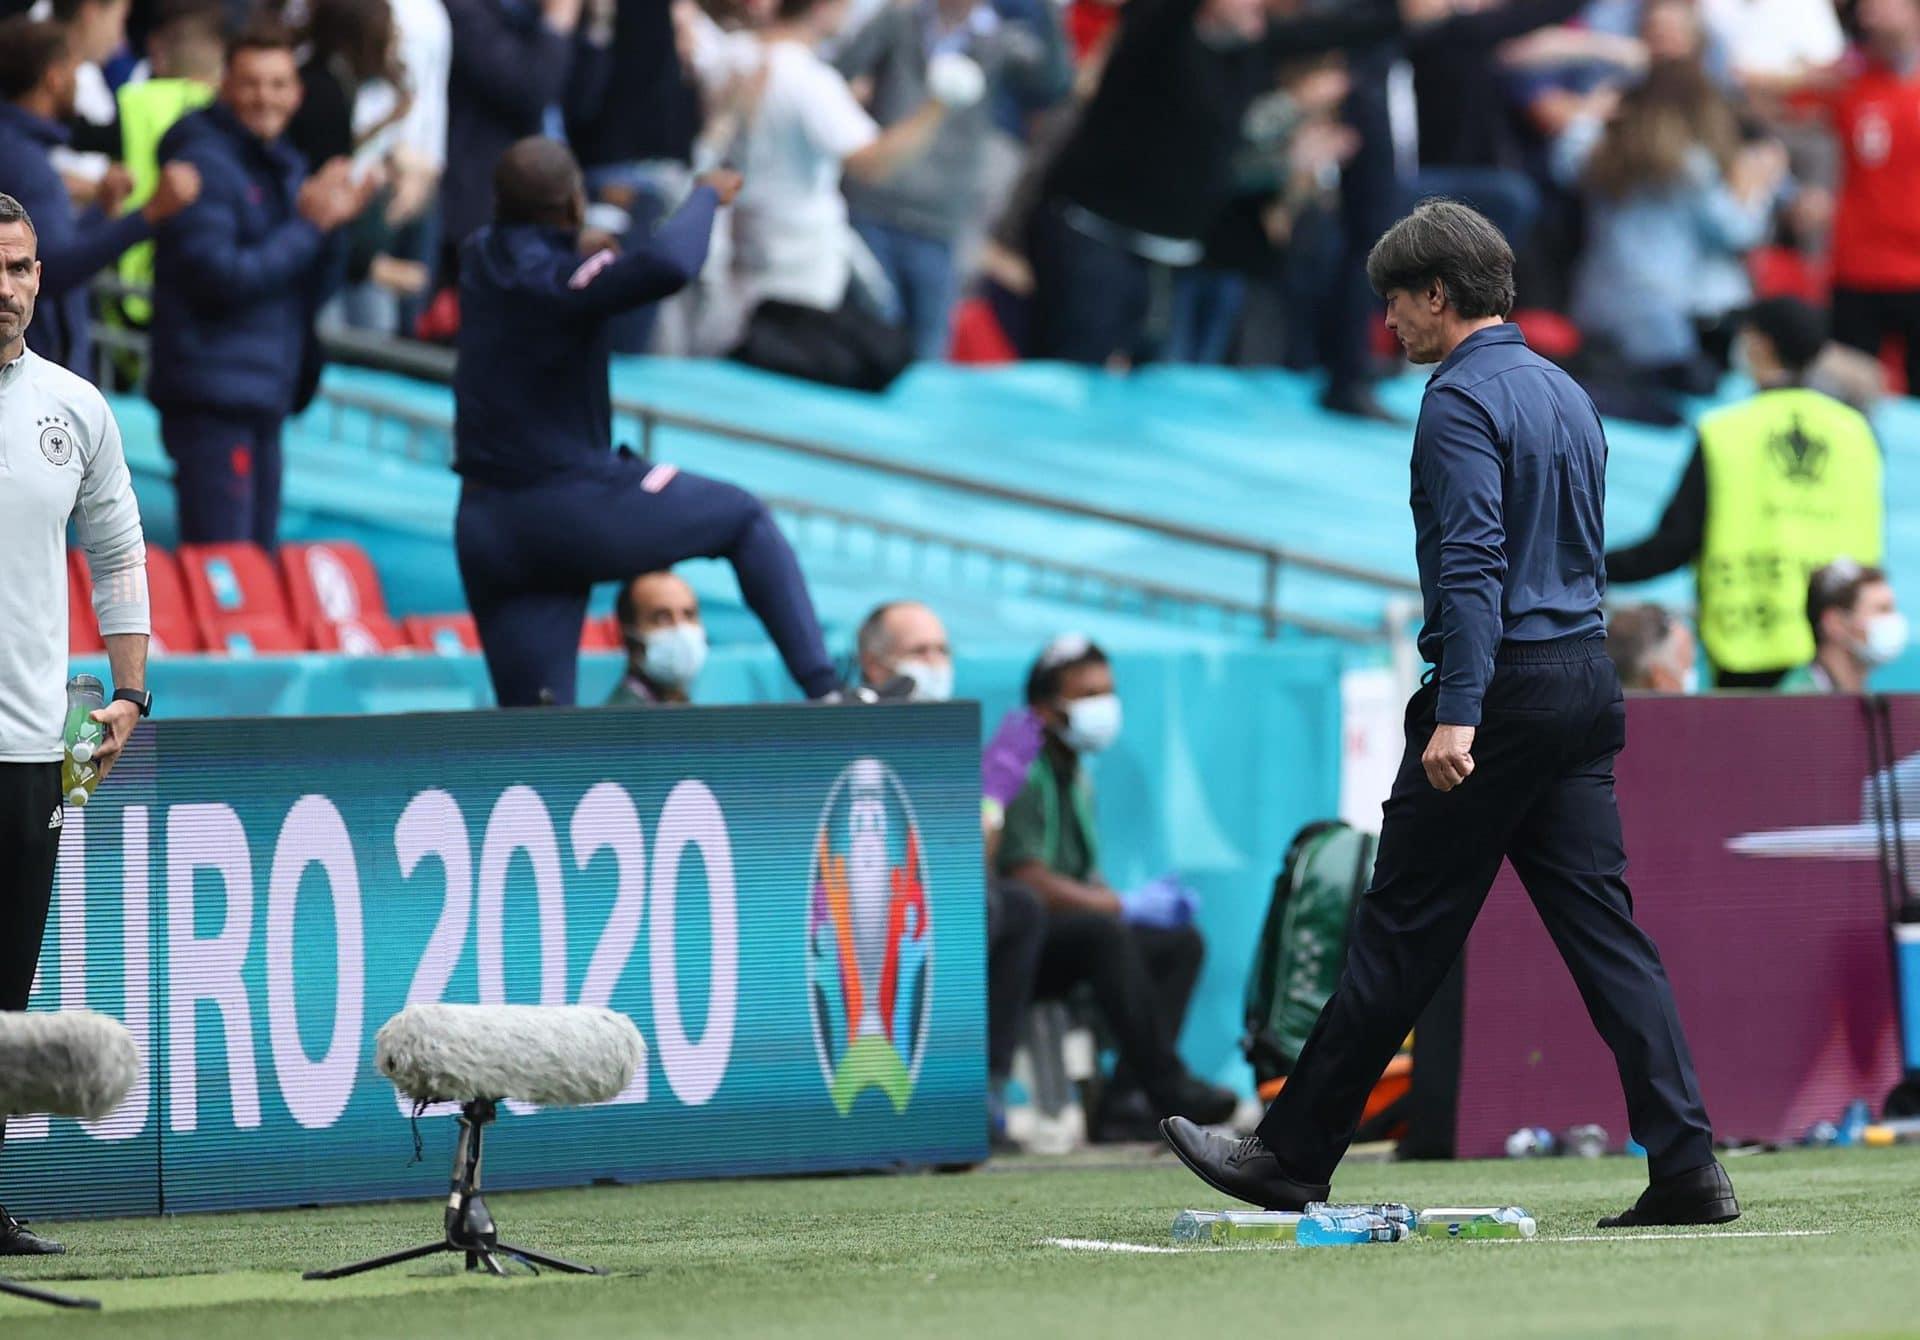 Wembley-K.o.: England schickt Löw in Bundestrainer-Rente Aus im EM-Achtelfinale